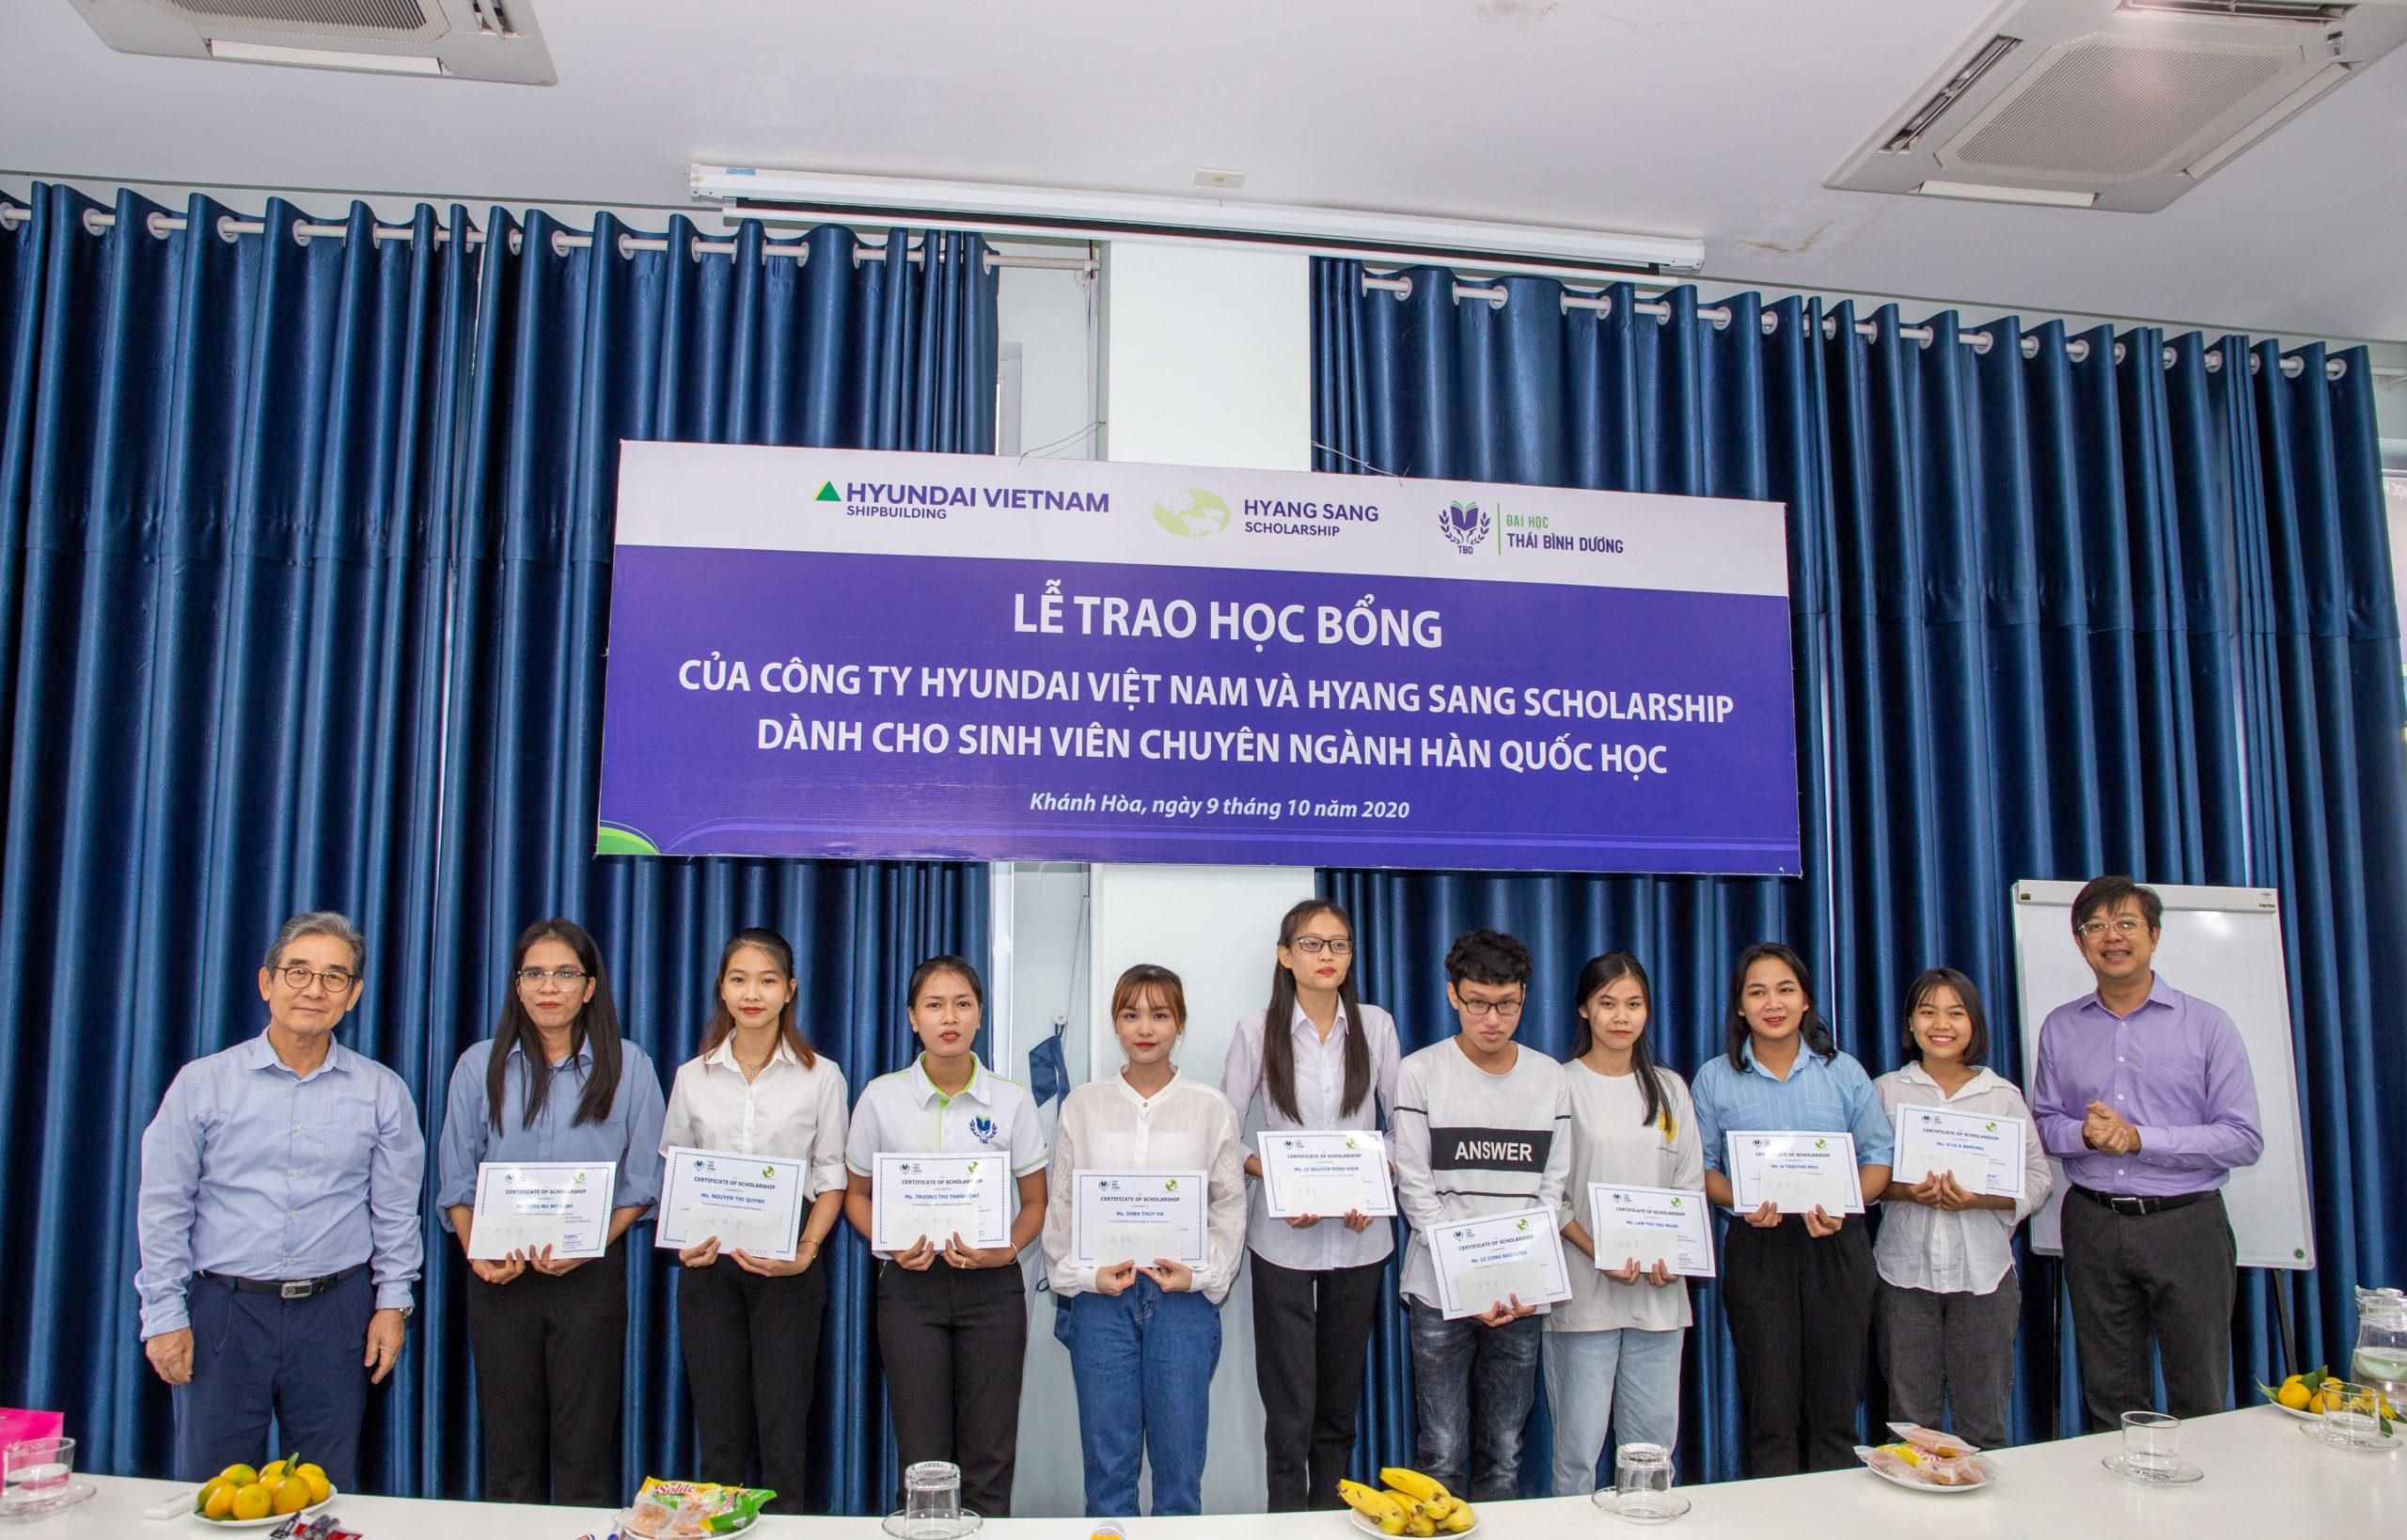 14 SV chuyên ngành Hàn Quốc ĐH Thái Bình Dương nhận học bổng của Hyundai Việt Nam và Hyang Sang Scholarship